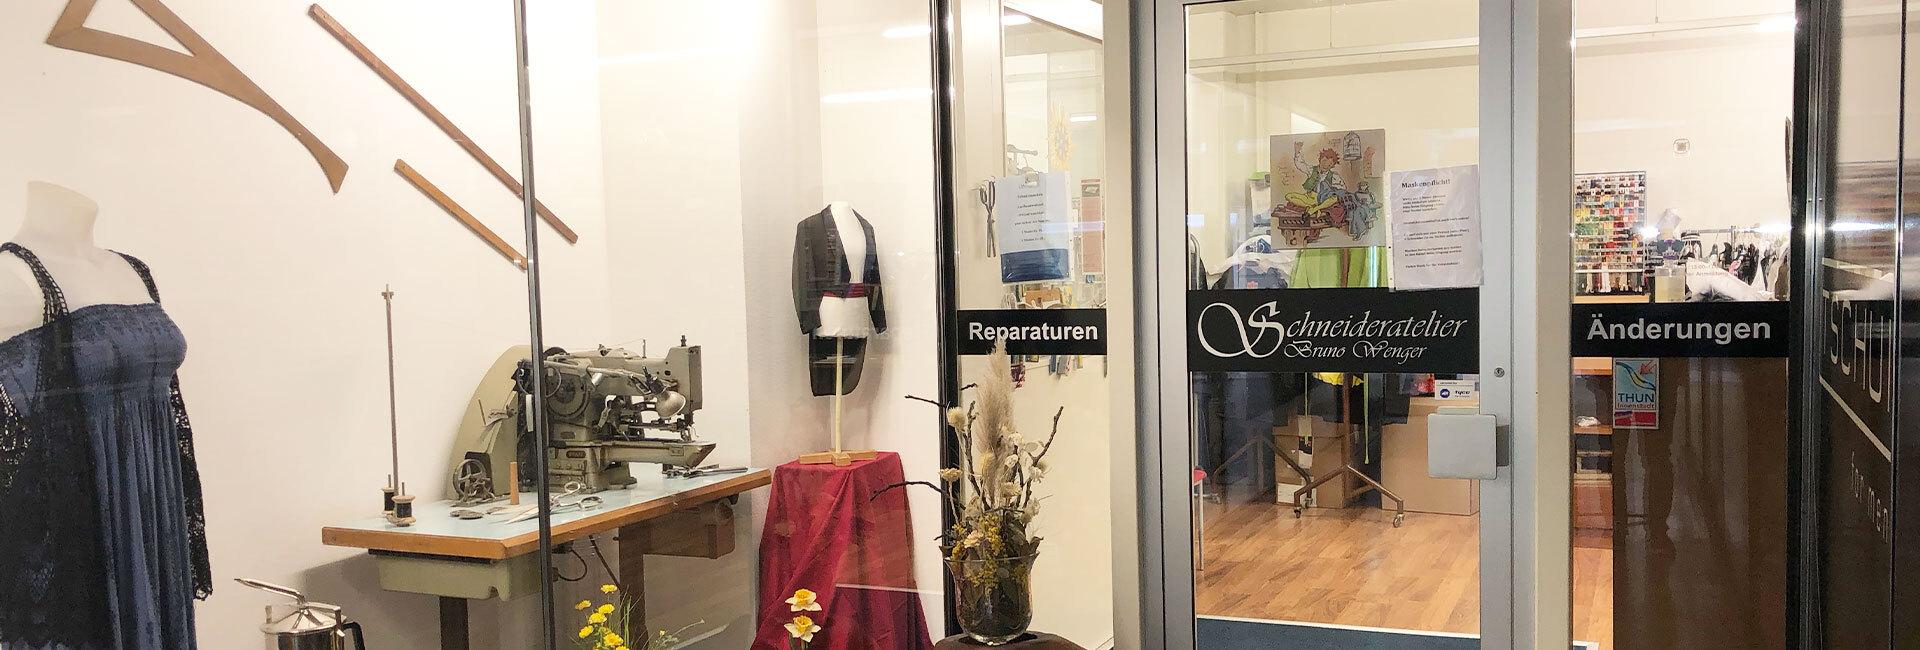 Kleideränderungen aller Art - Schneideratelier Wenger Thun